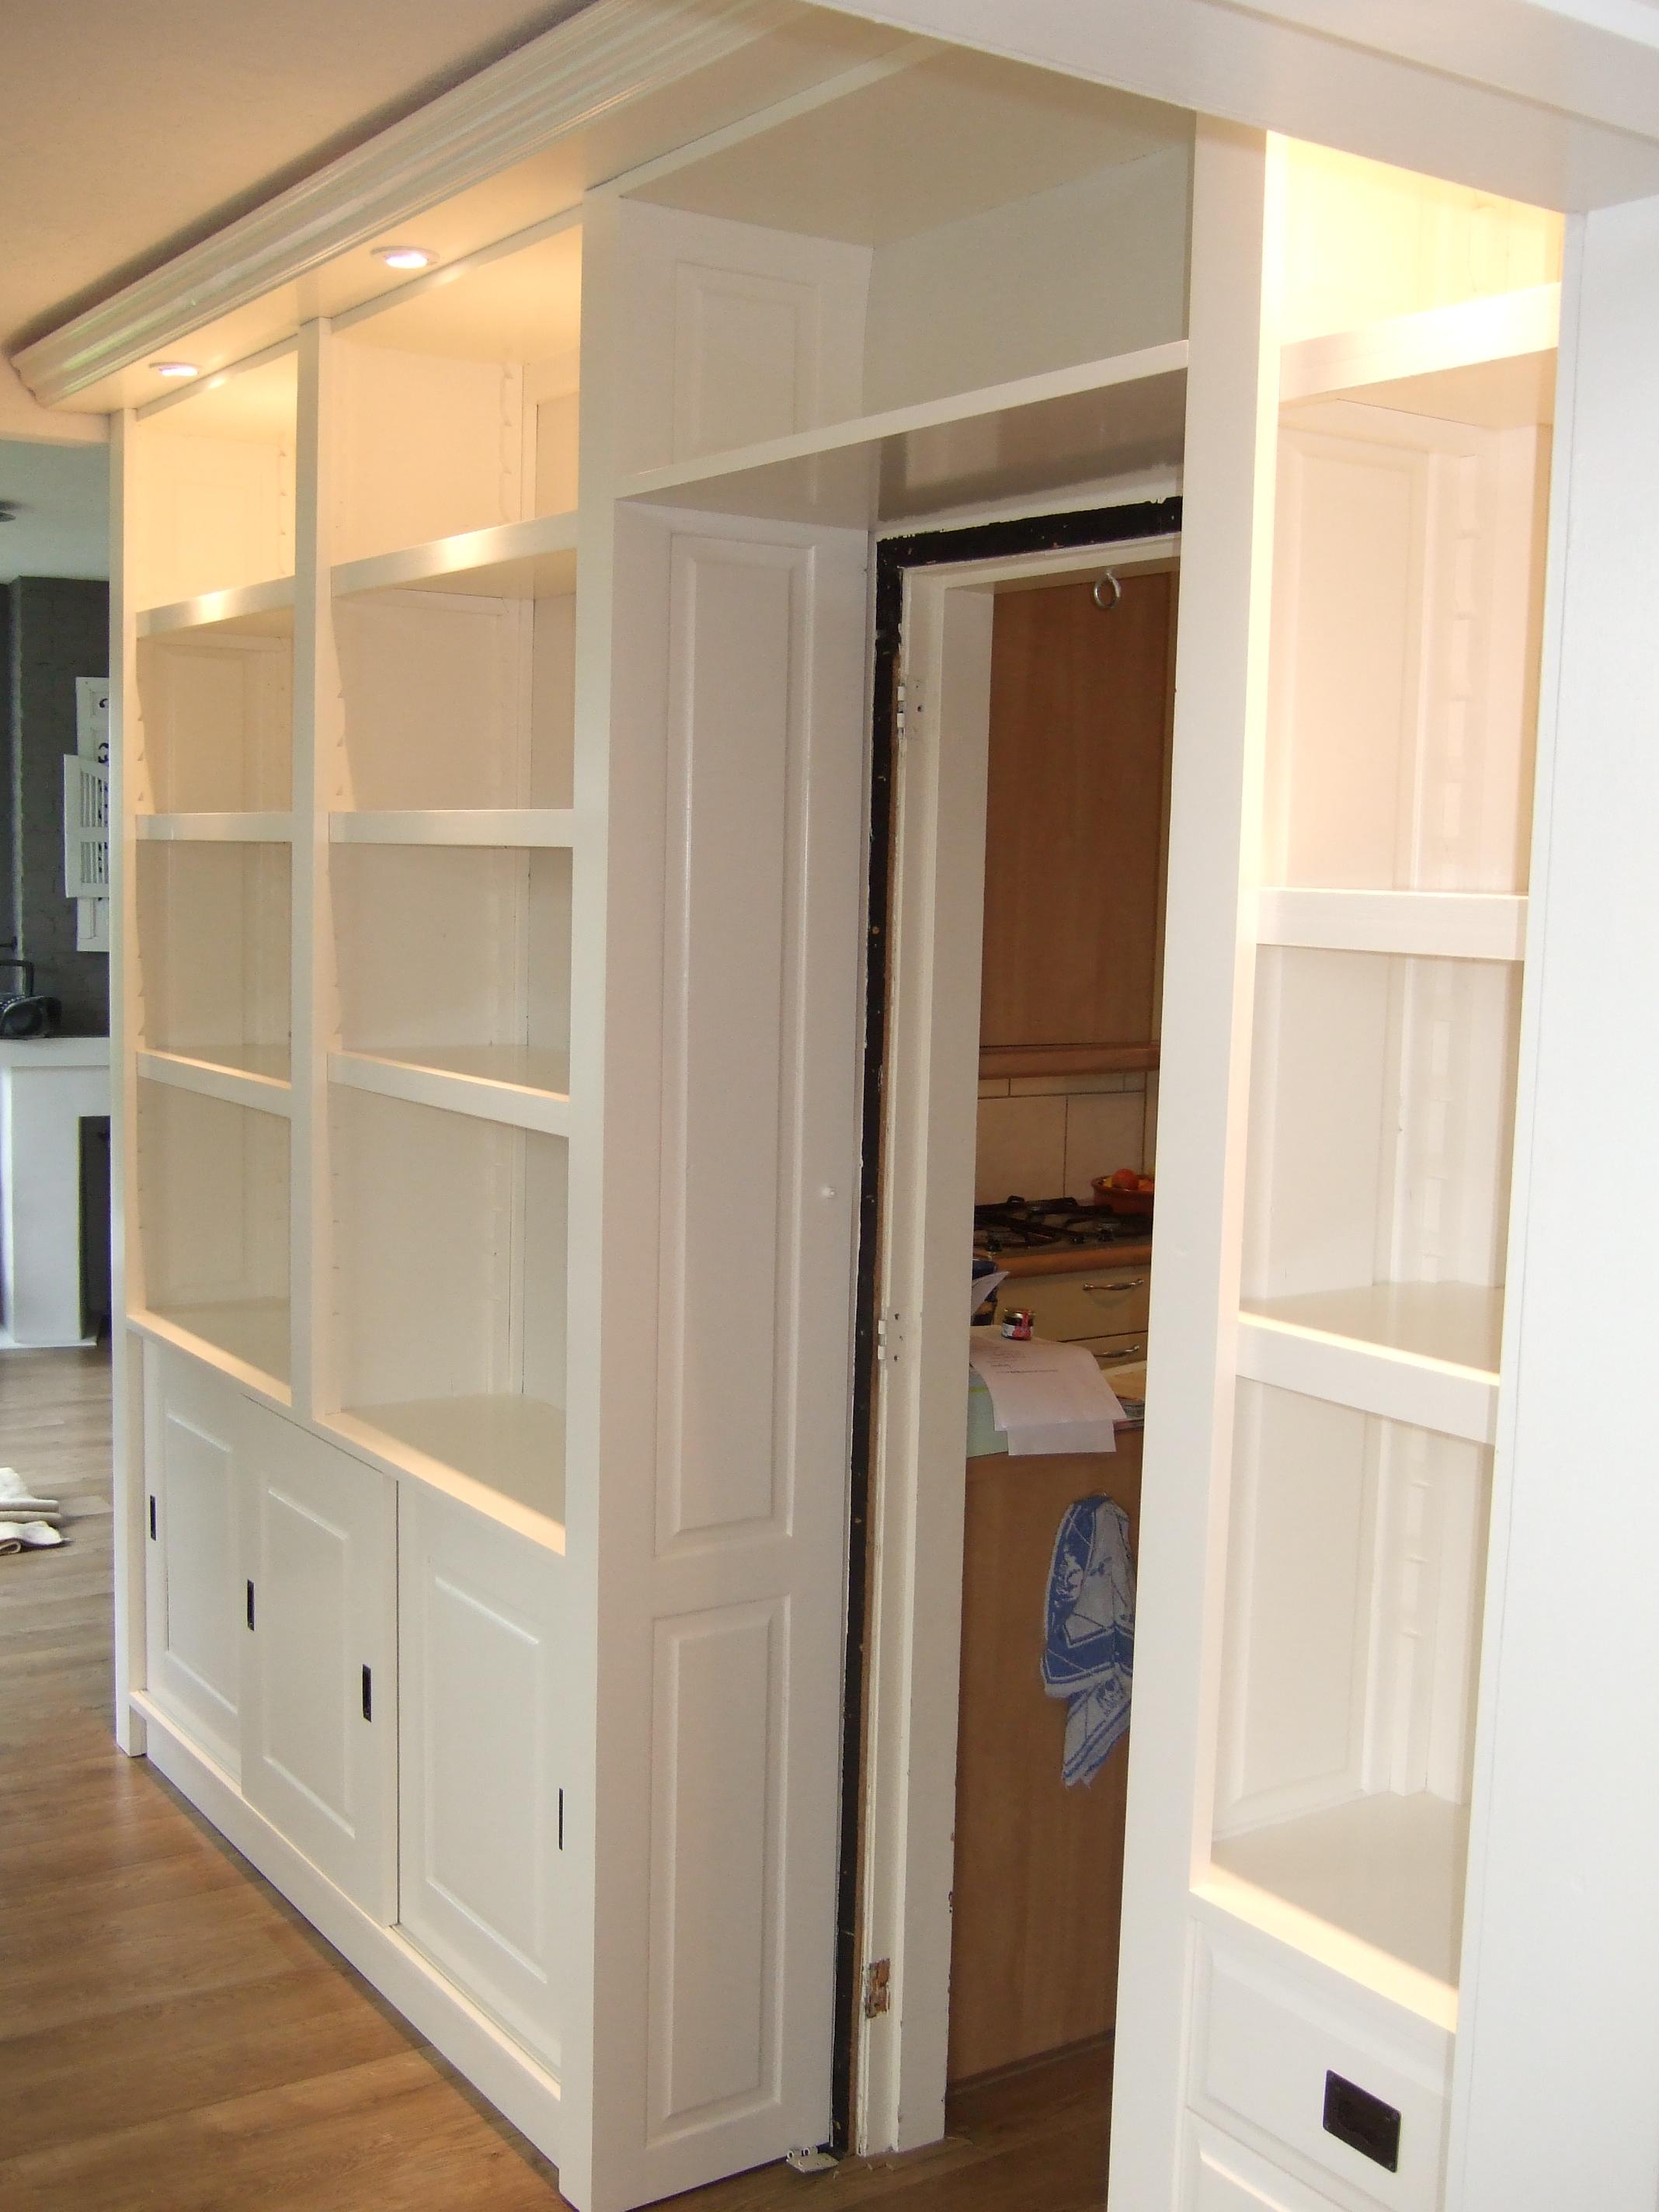 Boekenkast meubelmakerij mark - Deur kast garagedeur ...